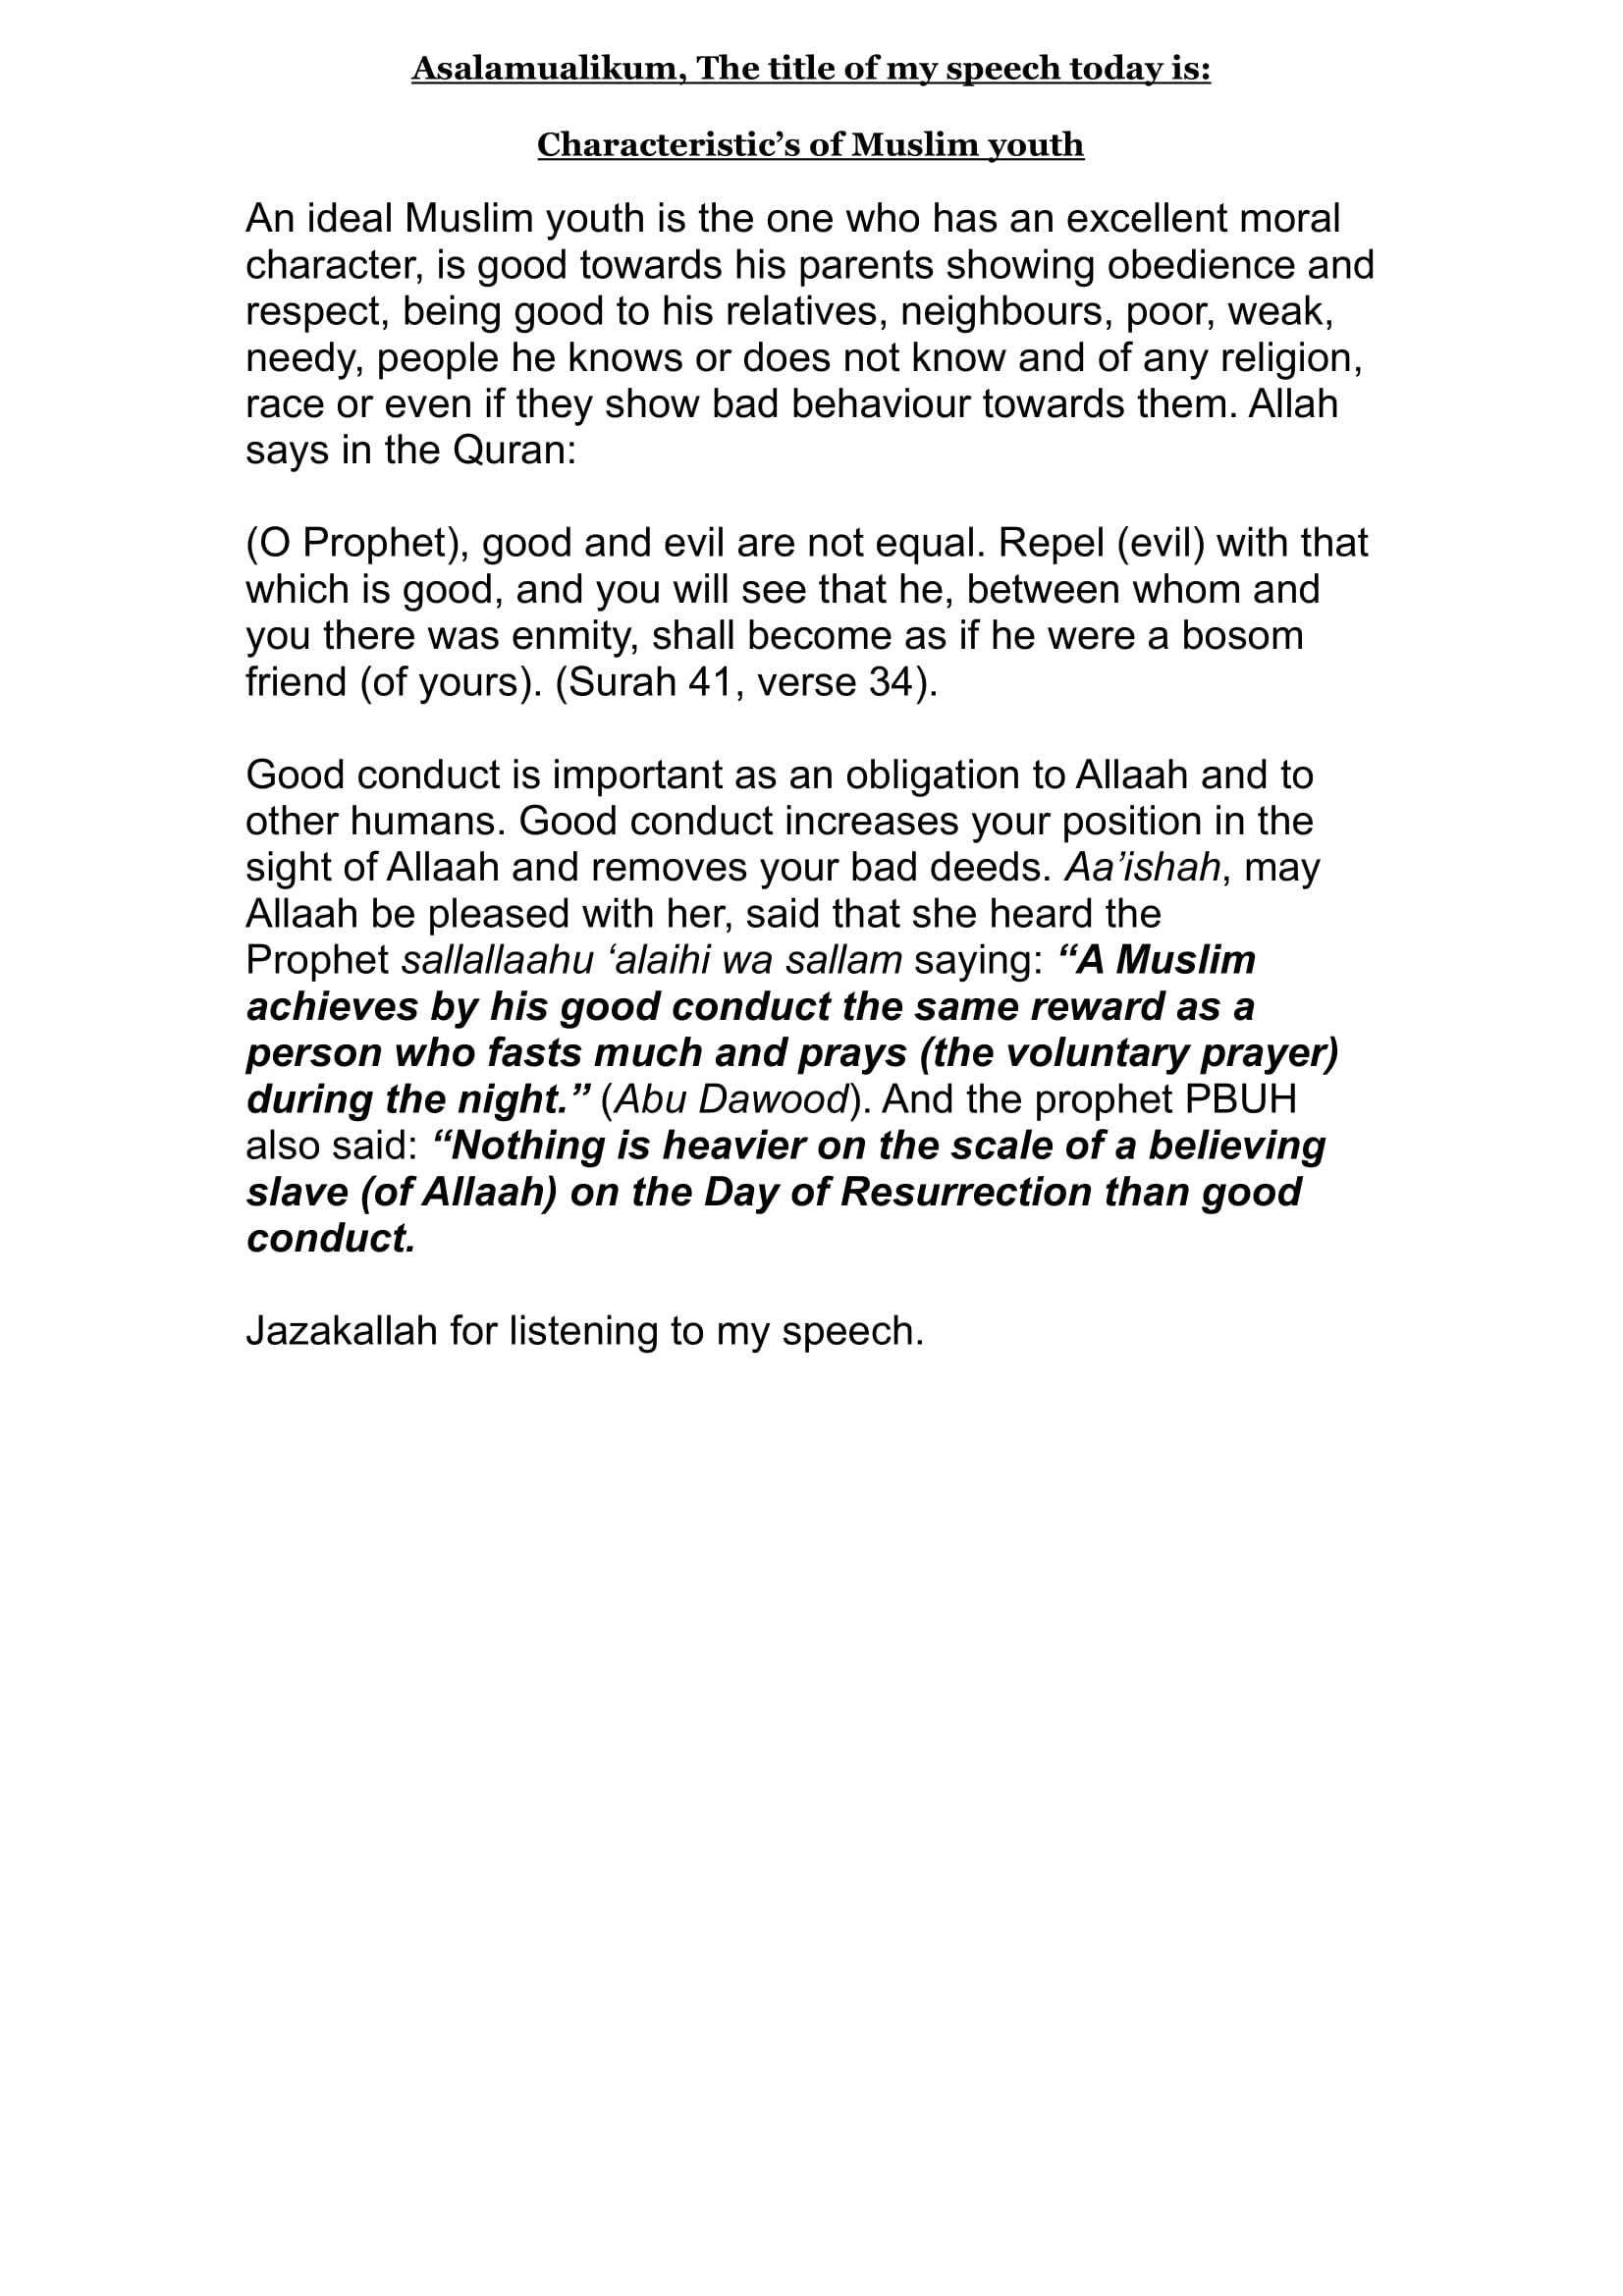 speeches-1